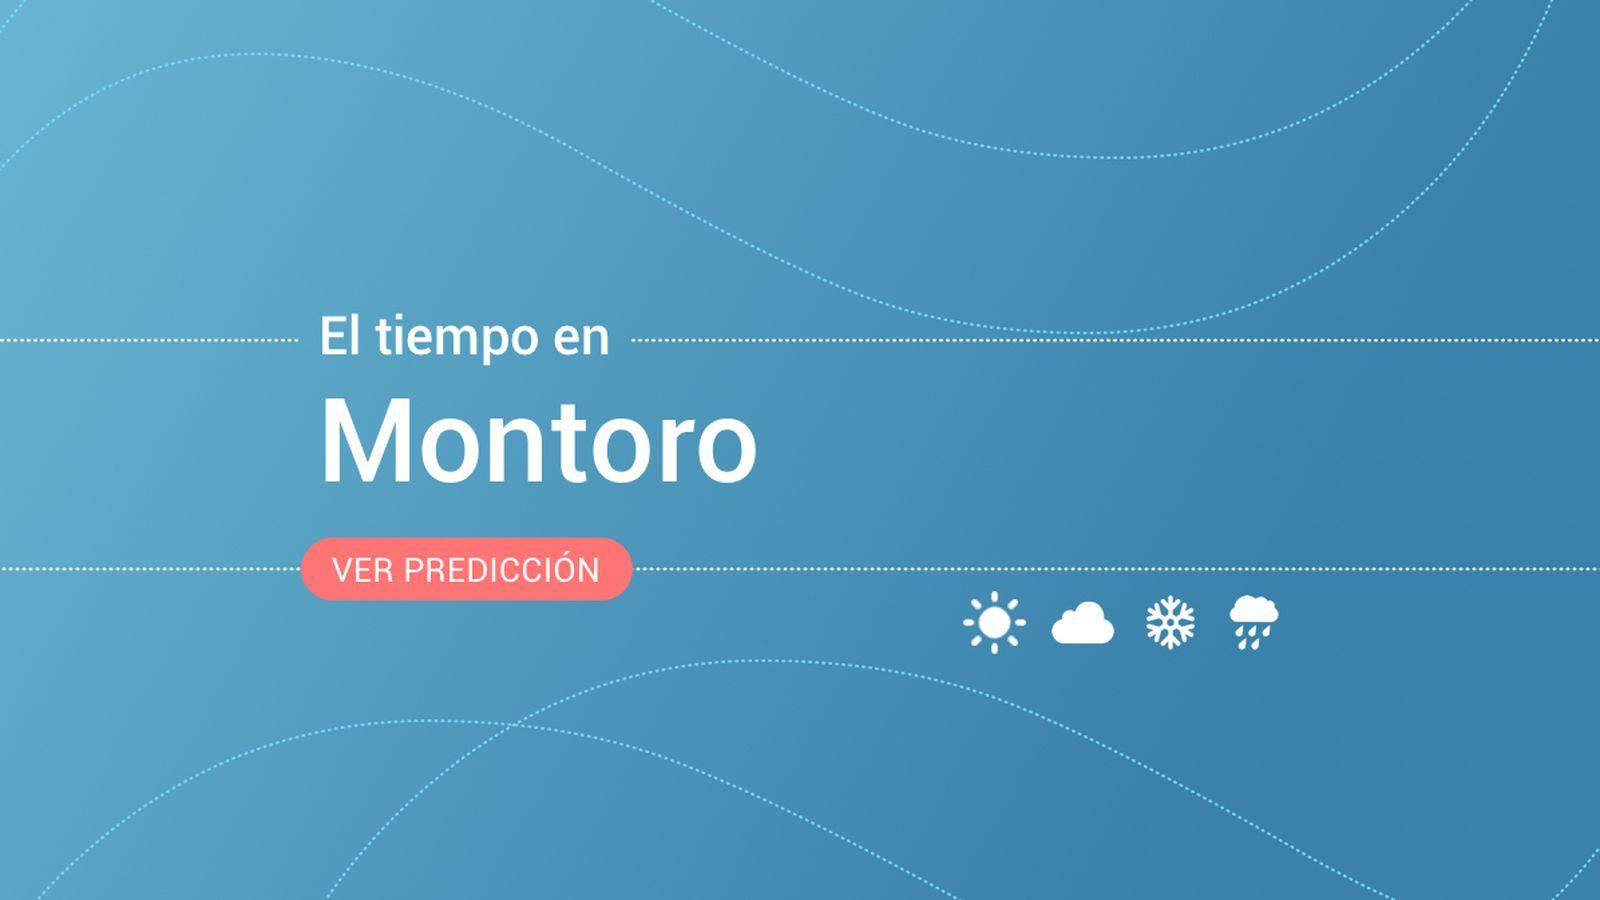 Foto: El tiempo en Montoro. (EC)